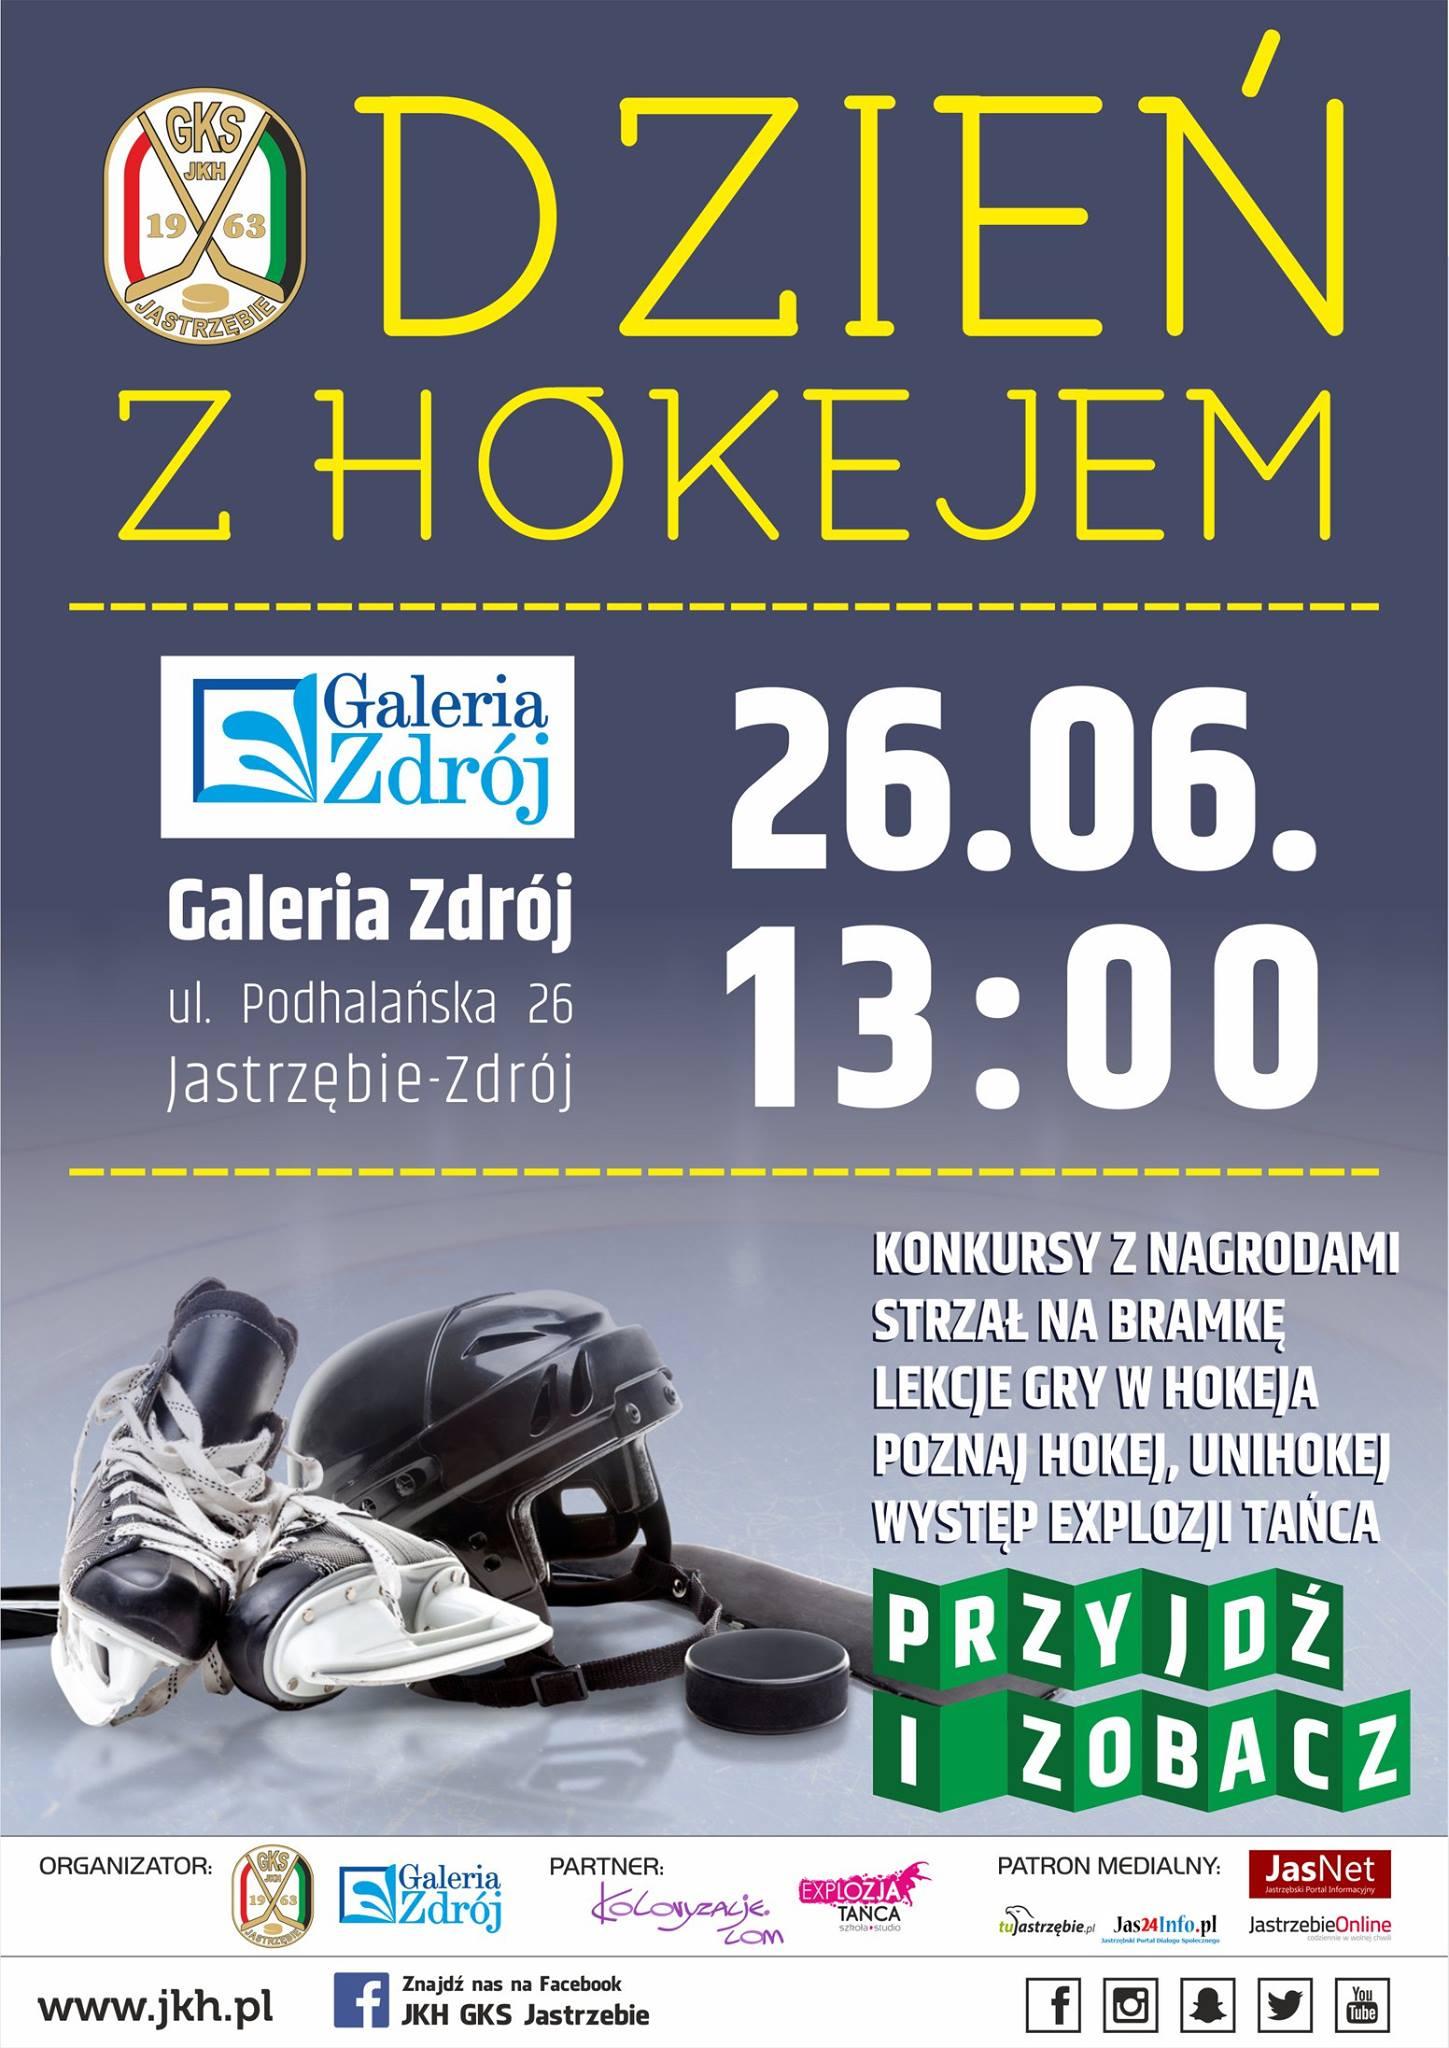 W niedzielę 26 czerwca JKH GKS Jastrzębie organizuje w Galerii Zdrój ''Dzień z hokejem''